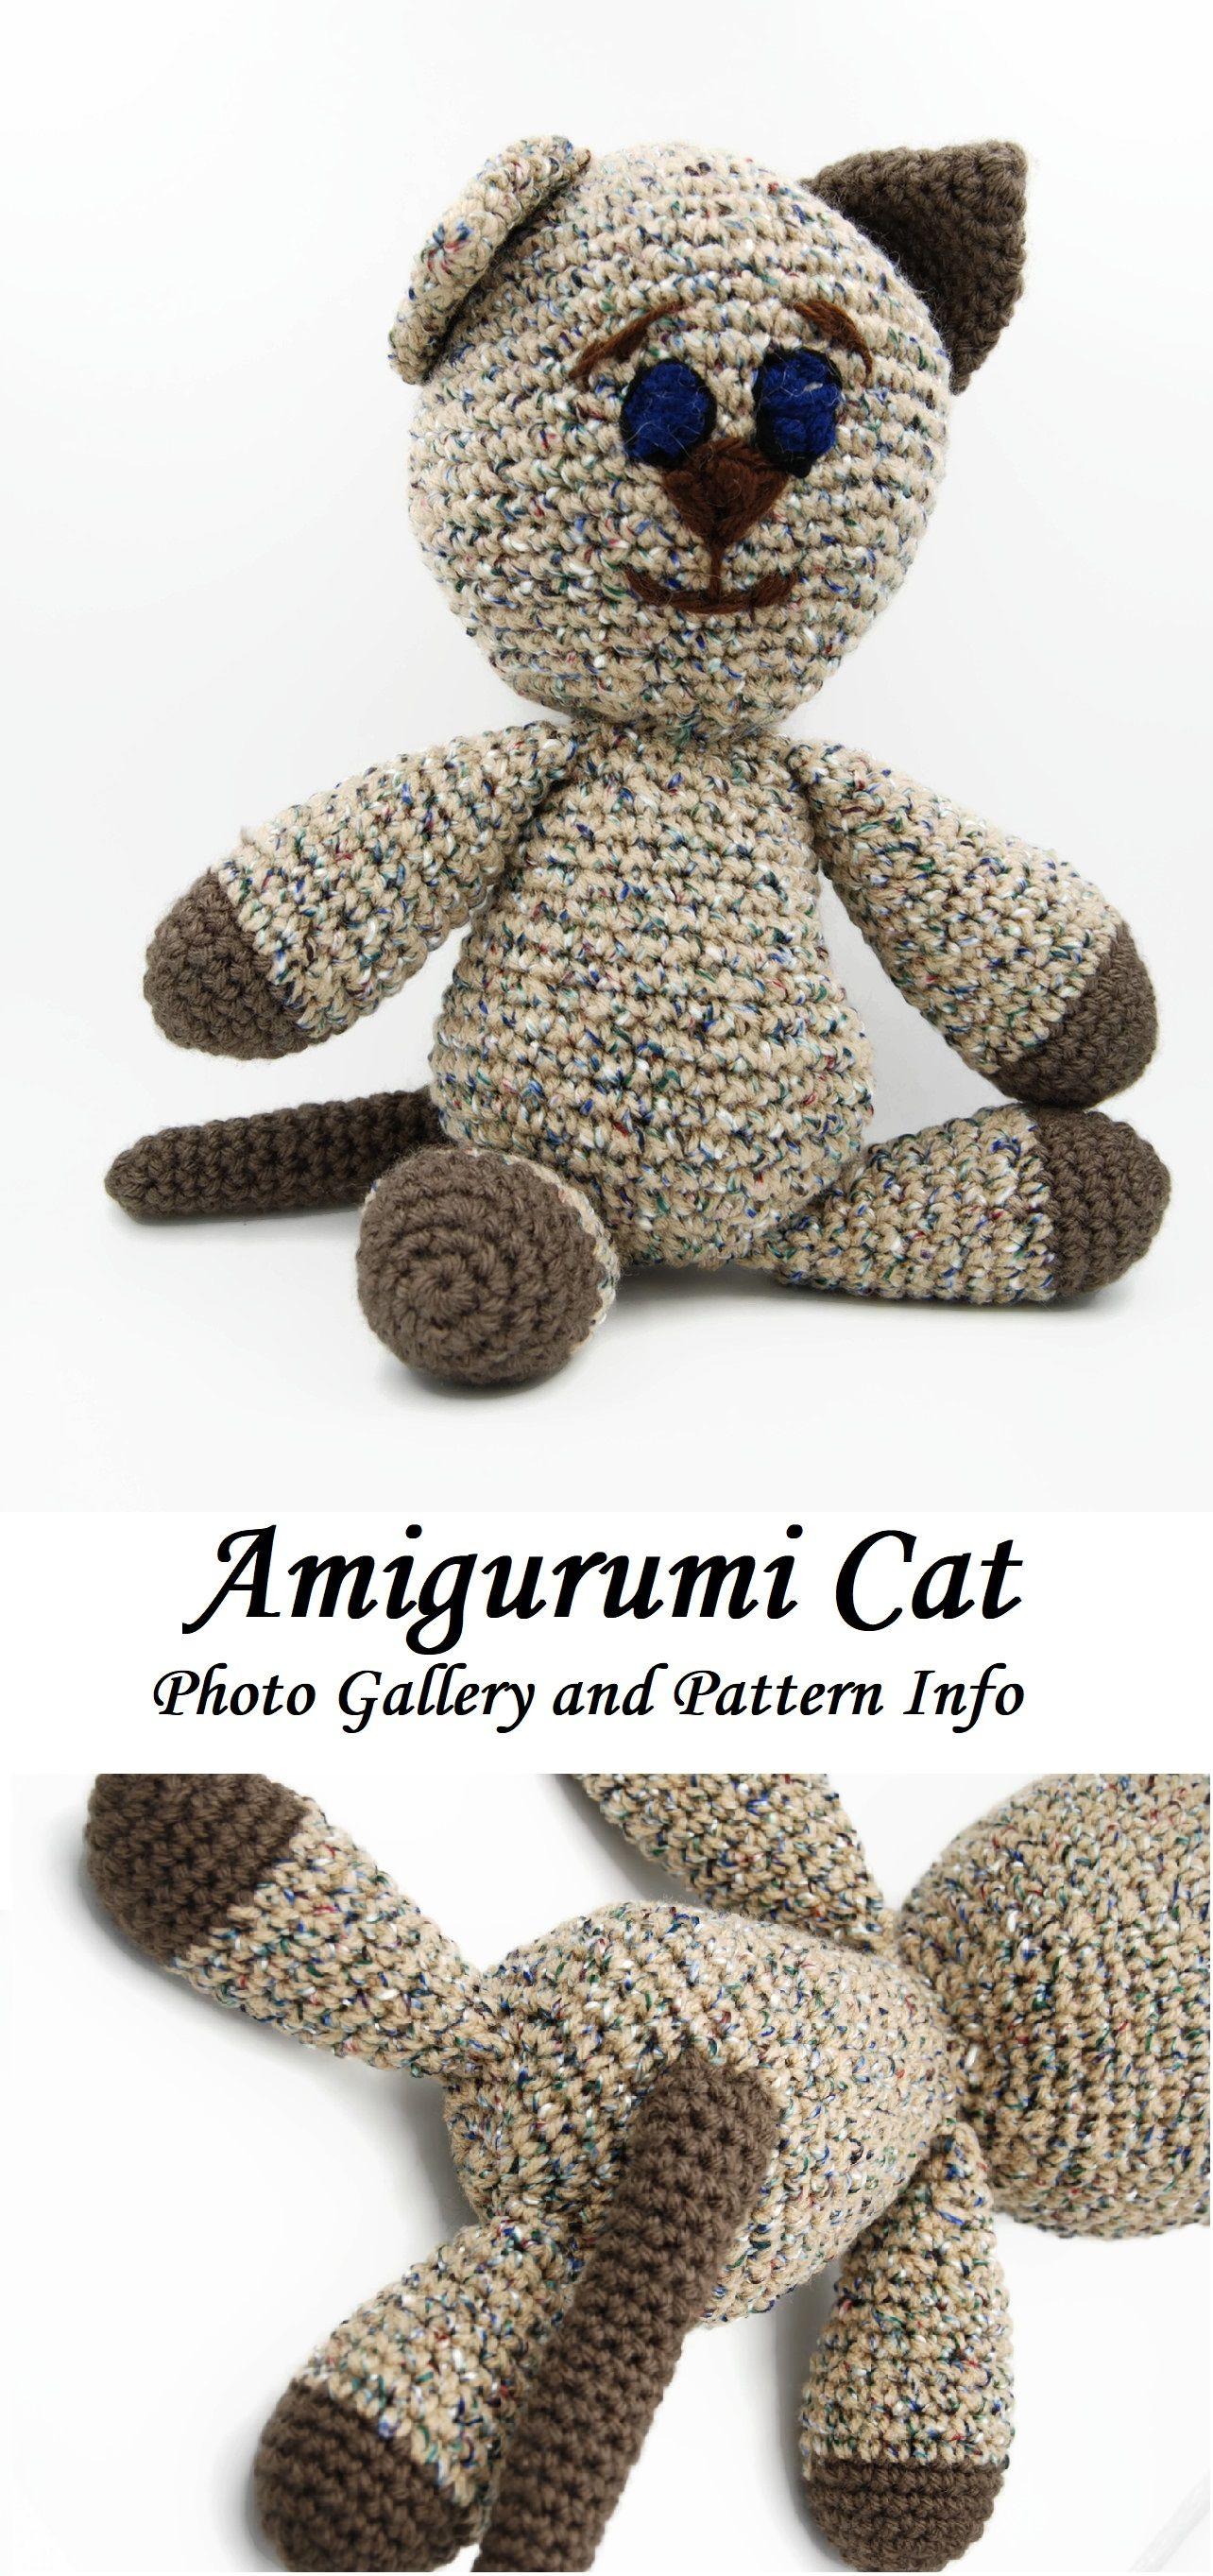 Red Heart Amigurumi Yarn, Llama | Yarnspirations | 2726x1284